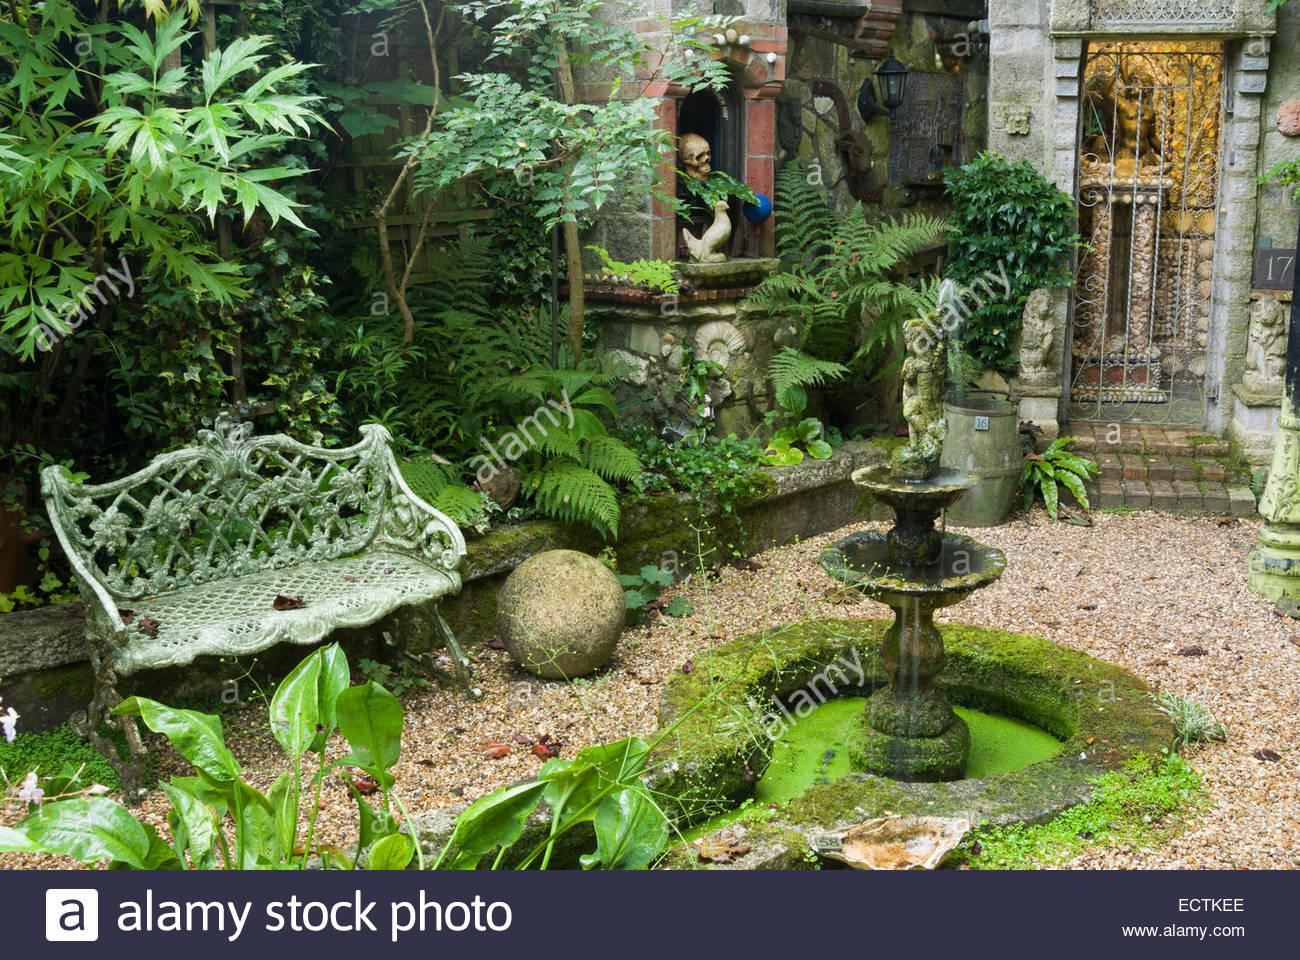 Schattenliebende Pflanzen versunkene garten befindet sich eine shell grotte baujahr 2001